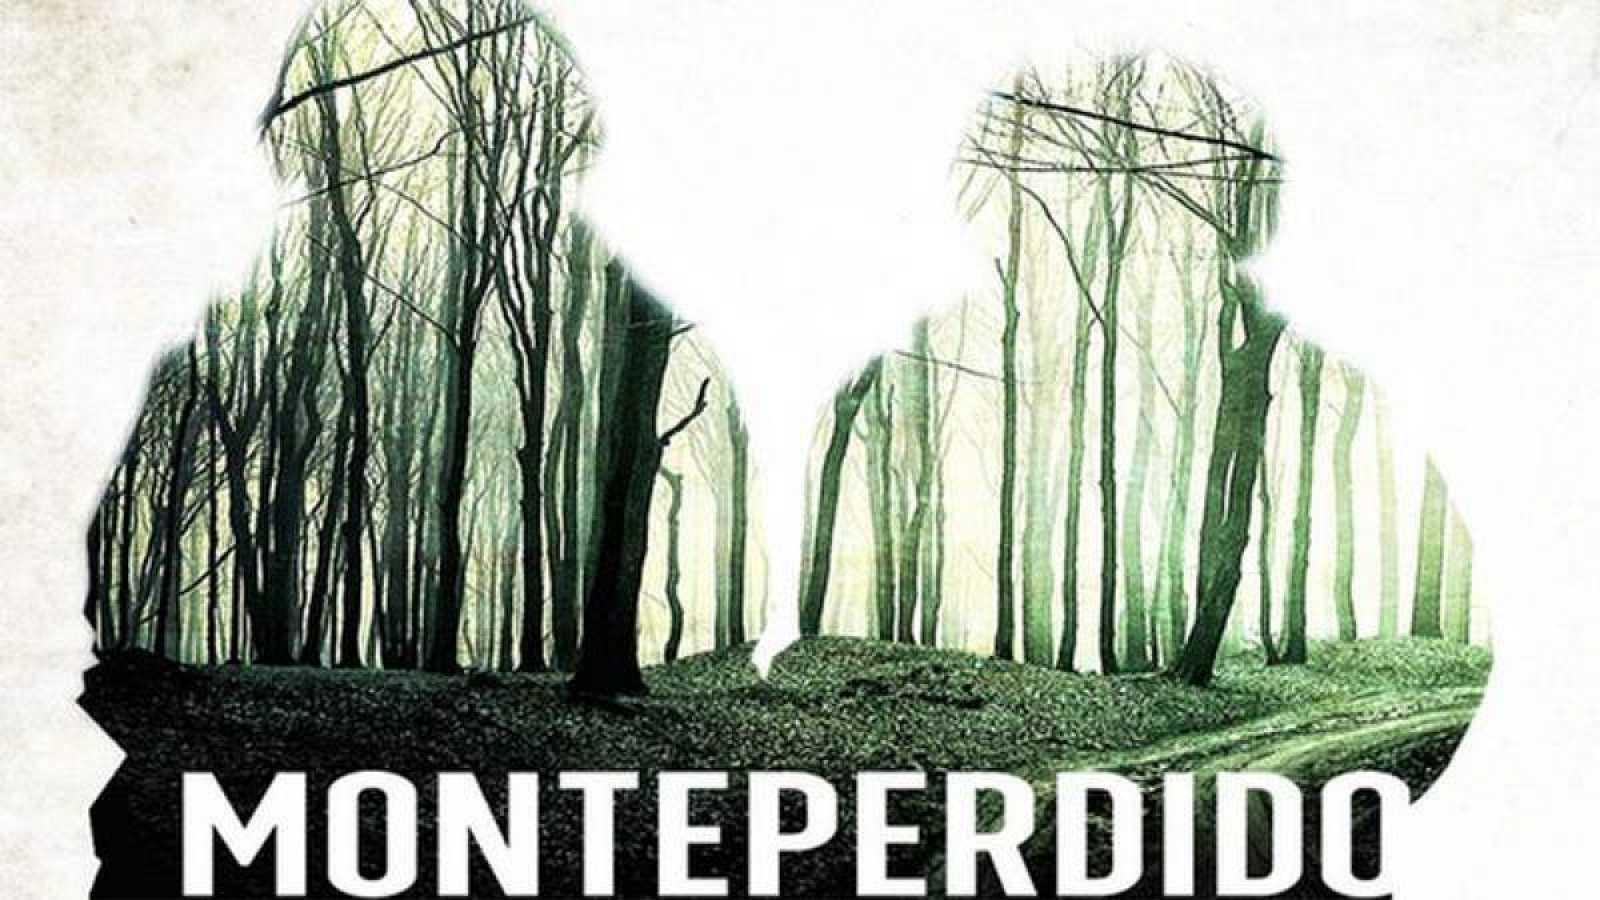 La nueva ficción de Televisión Española se titula 'Monteperdido'. Es un thriller psicológico cuyo rodaje se desarrolla estos días. Francis Lorenzo, Megan Montaner y Alain Hernández encabezan el reparto de la serie.